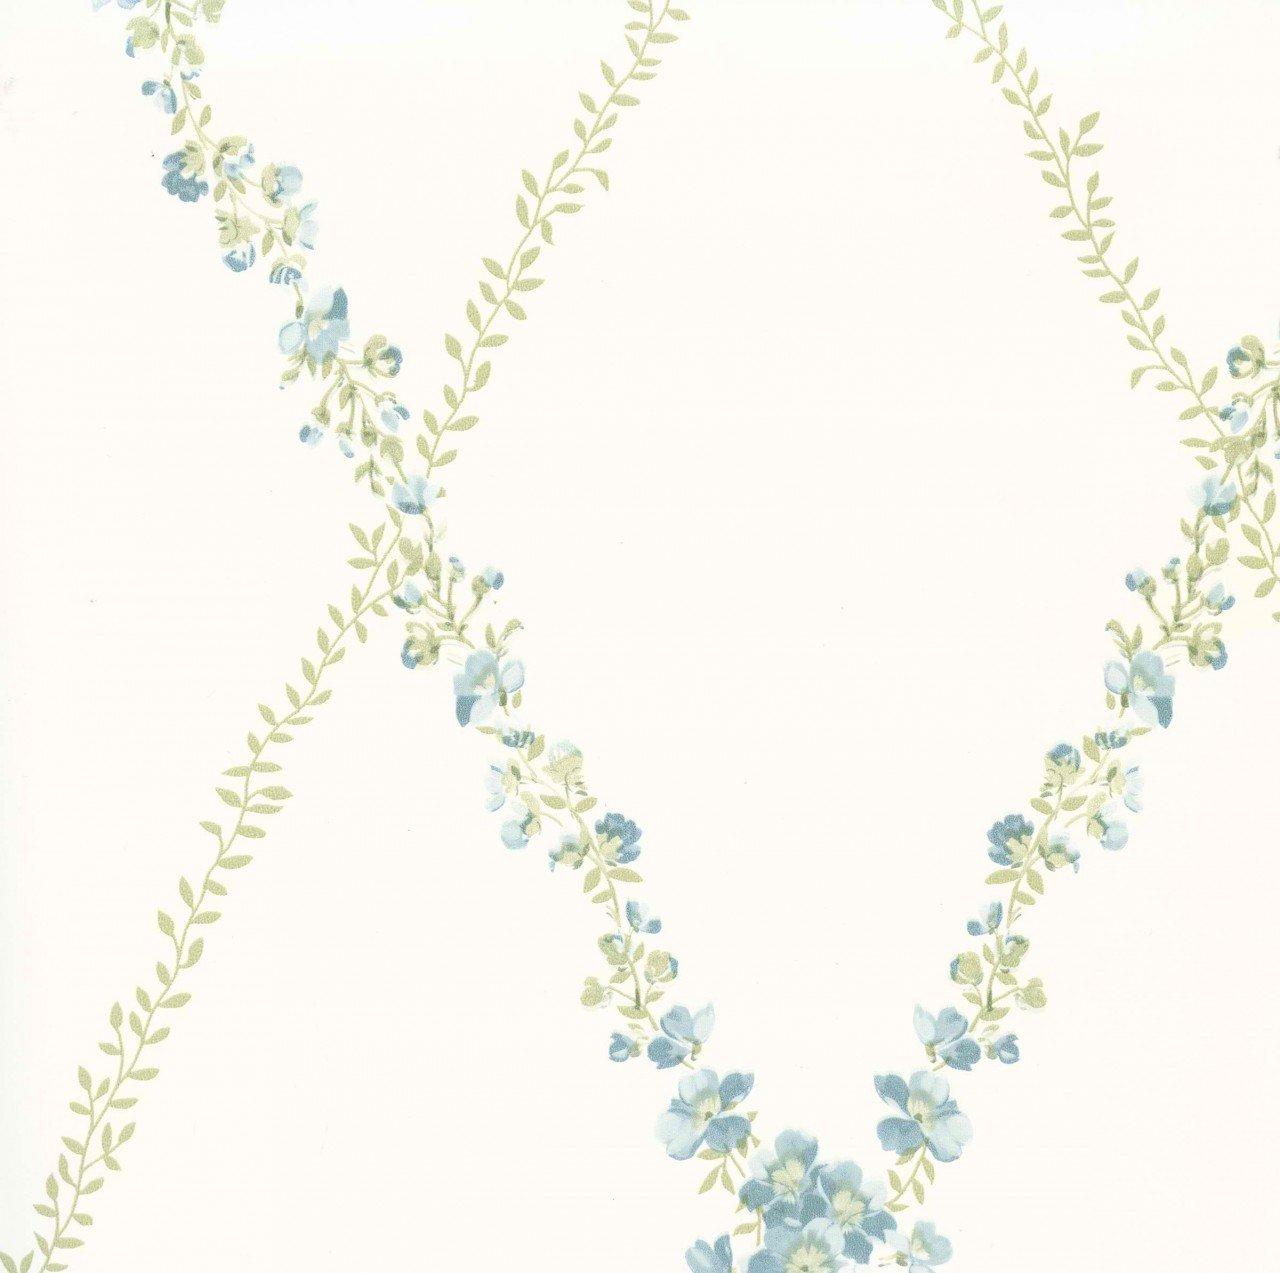 Blue Green CKB77712 Peony Trellis Wallpaper CKB77712 1280x1273